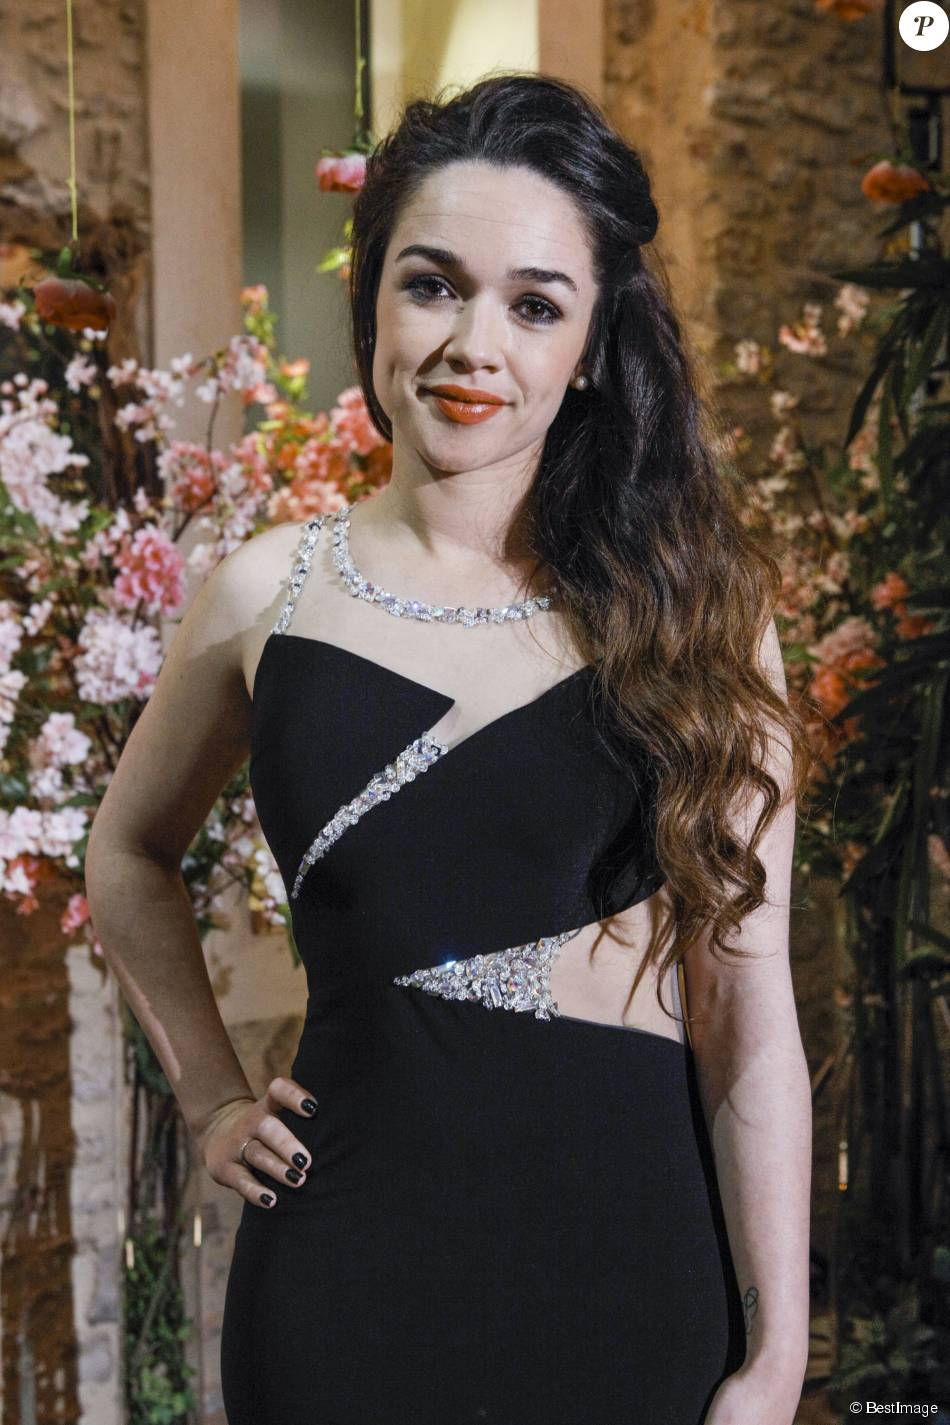 Exclusif - Jazz, lors de la cérémonie finale de l'émission  Qui veut épouser mon fils ?  saison 4 (tournage le 7 mars 2015, diffusion le vendredi 17 juillet 2015).